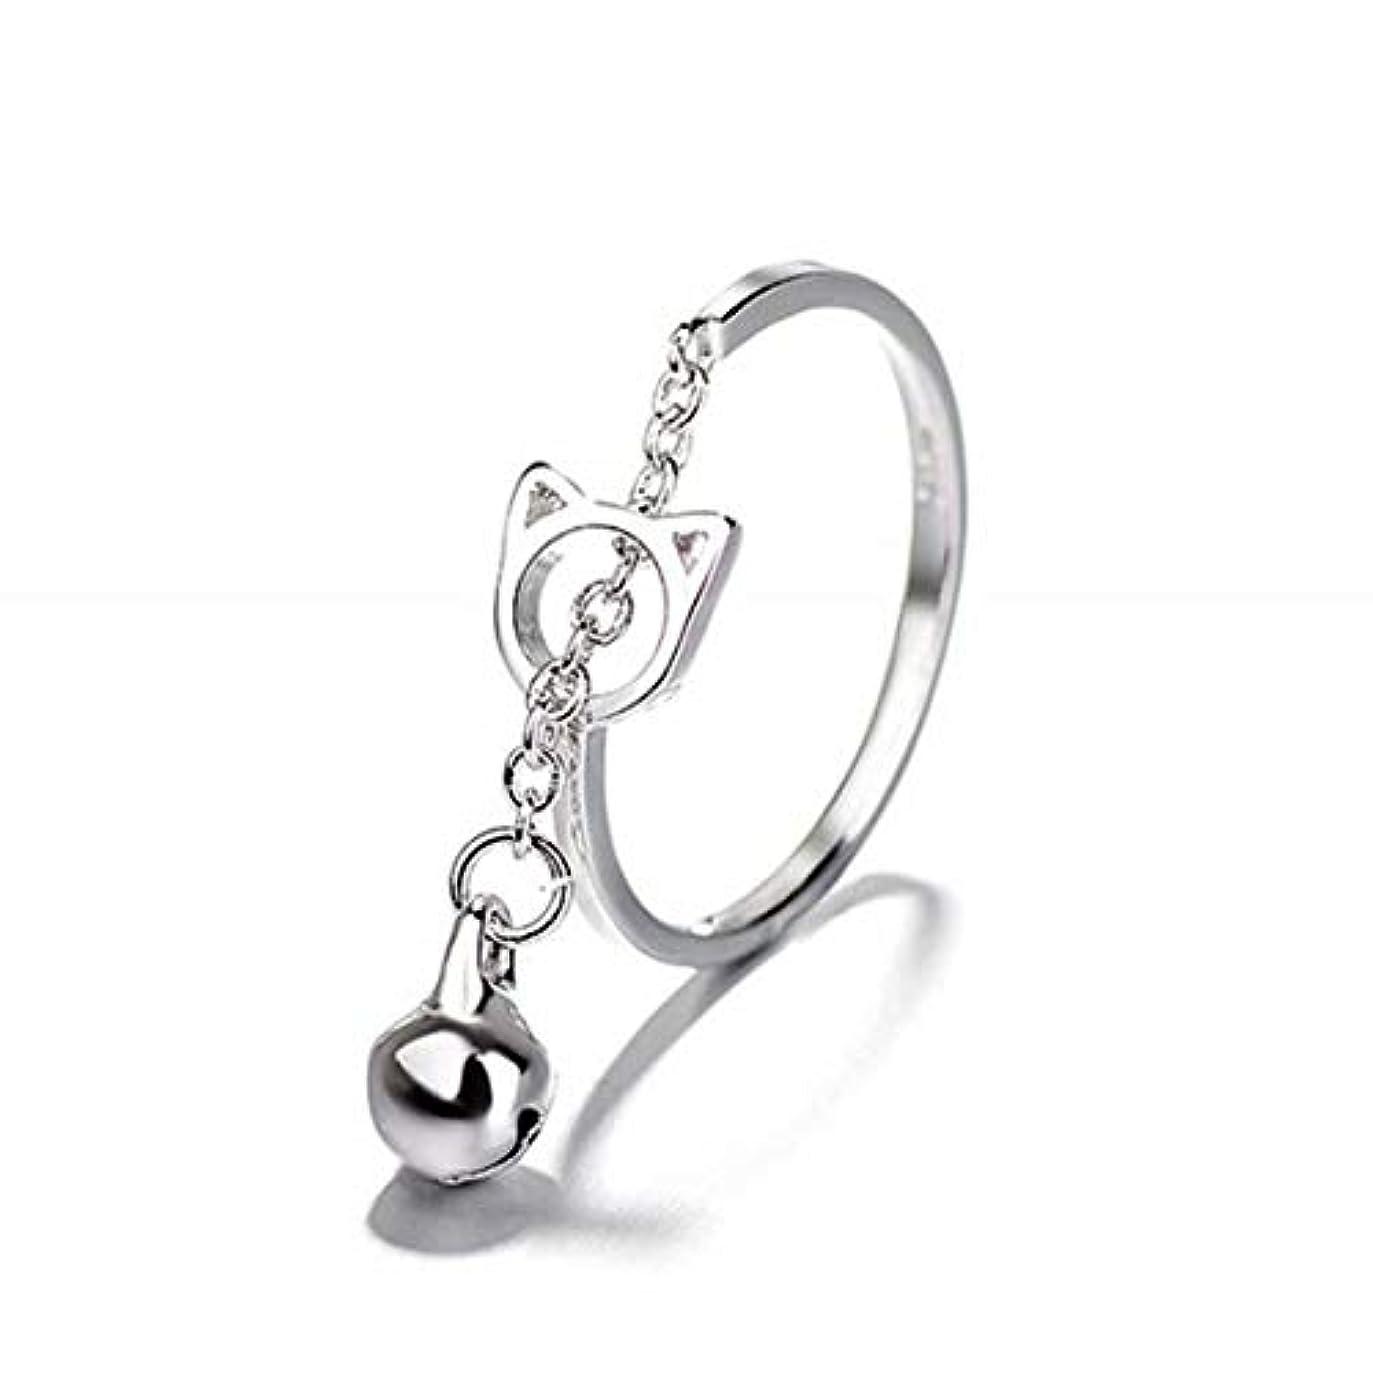 時代遅れ義務付けられた無礼に七里の香 キャットベル リング オープンリング 指輪 フリーサイズ リング レディース 結婚 リング アクセサリー 記念日誕生日 バレンタイン プレゼント